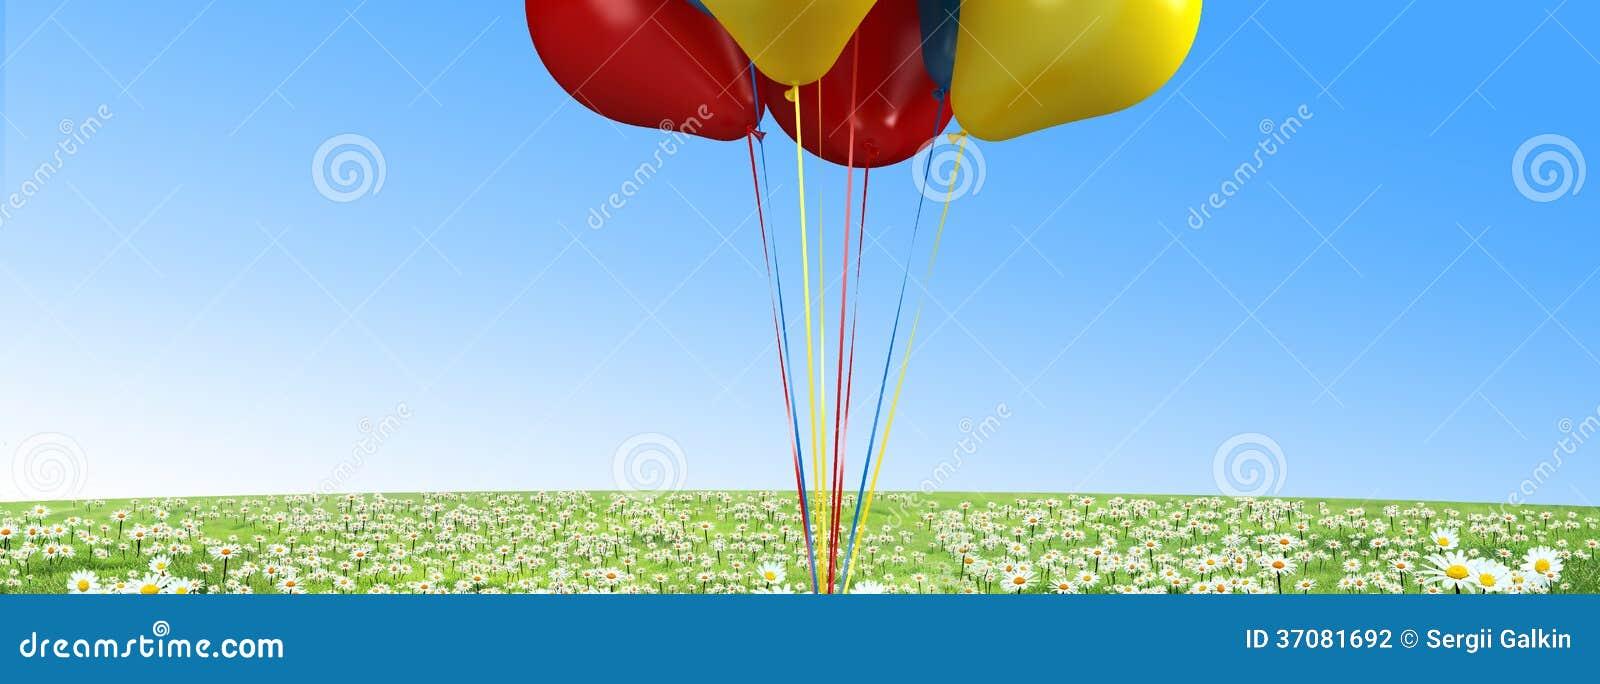 Download Balony zdjęcie stock. Obraz złożonej z balony, tło, fielder - 37081692